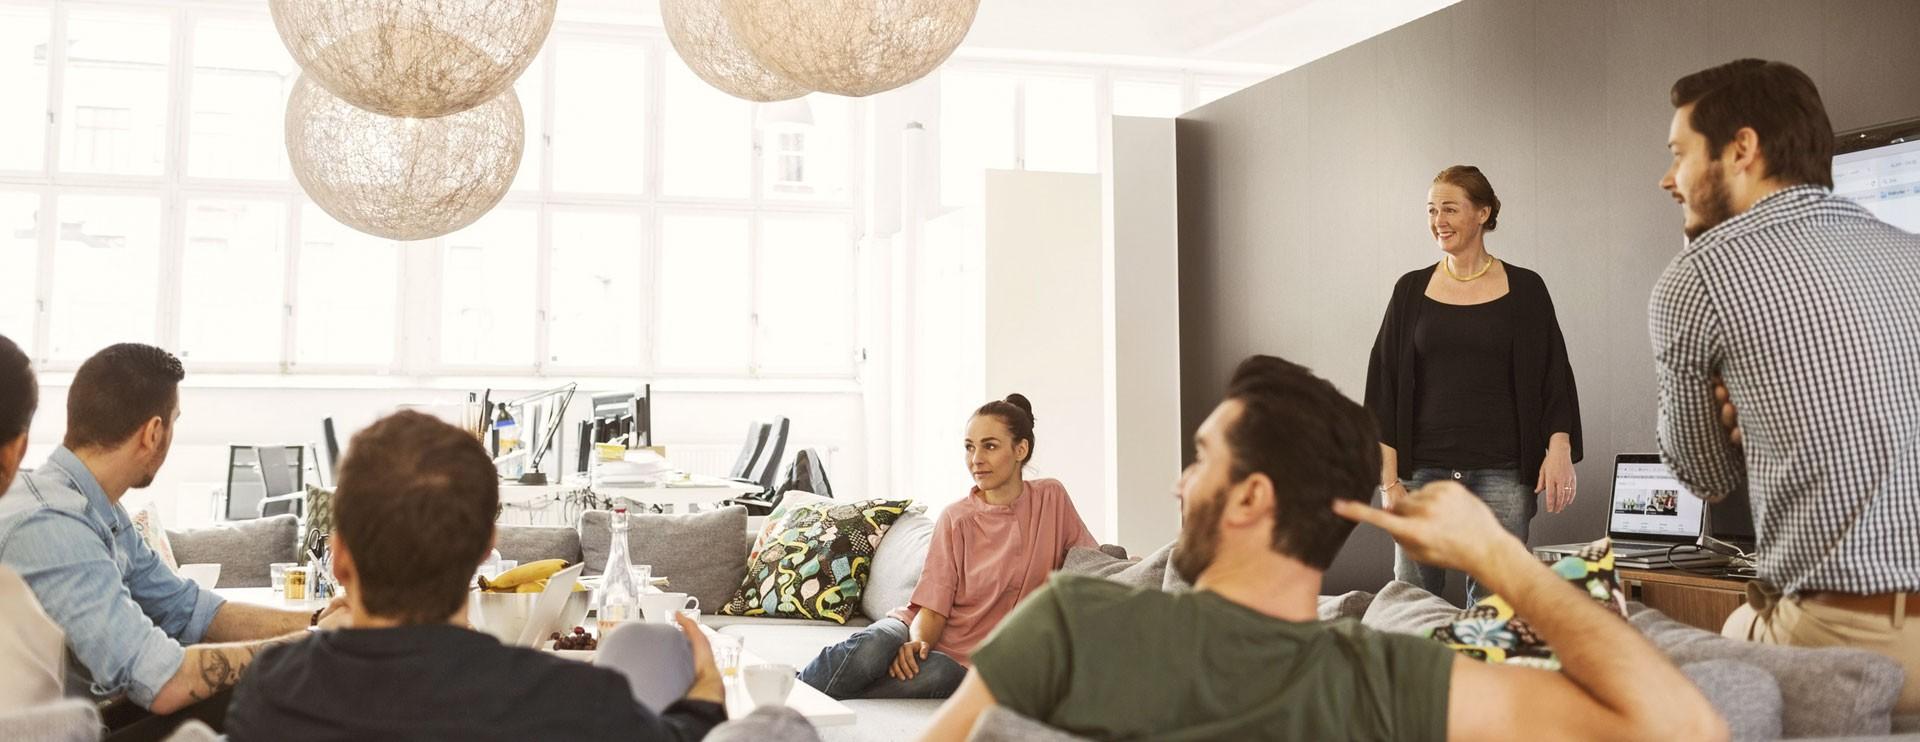 Gruppe von jungen Leuten sitzt und steht in einem Raum und diskutiert